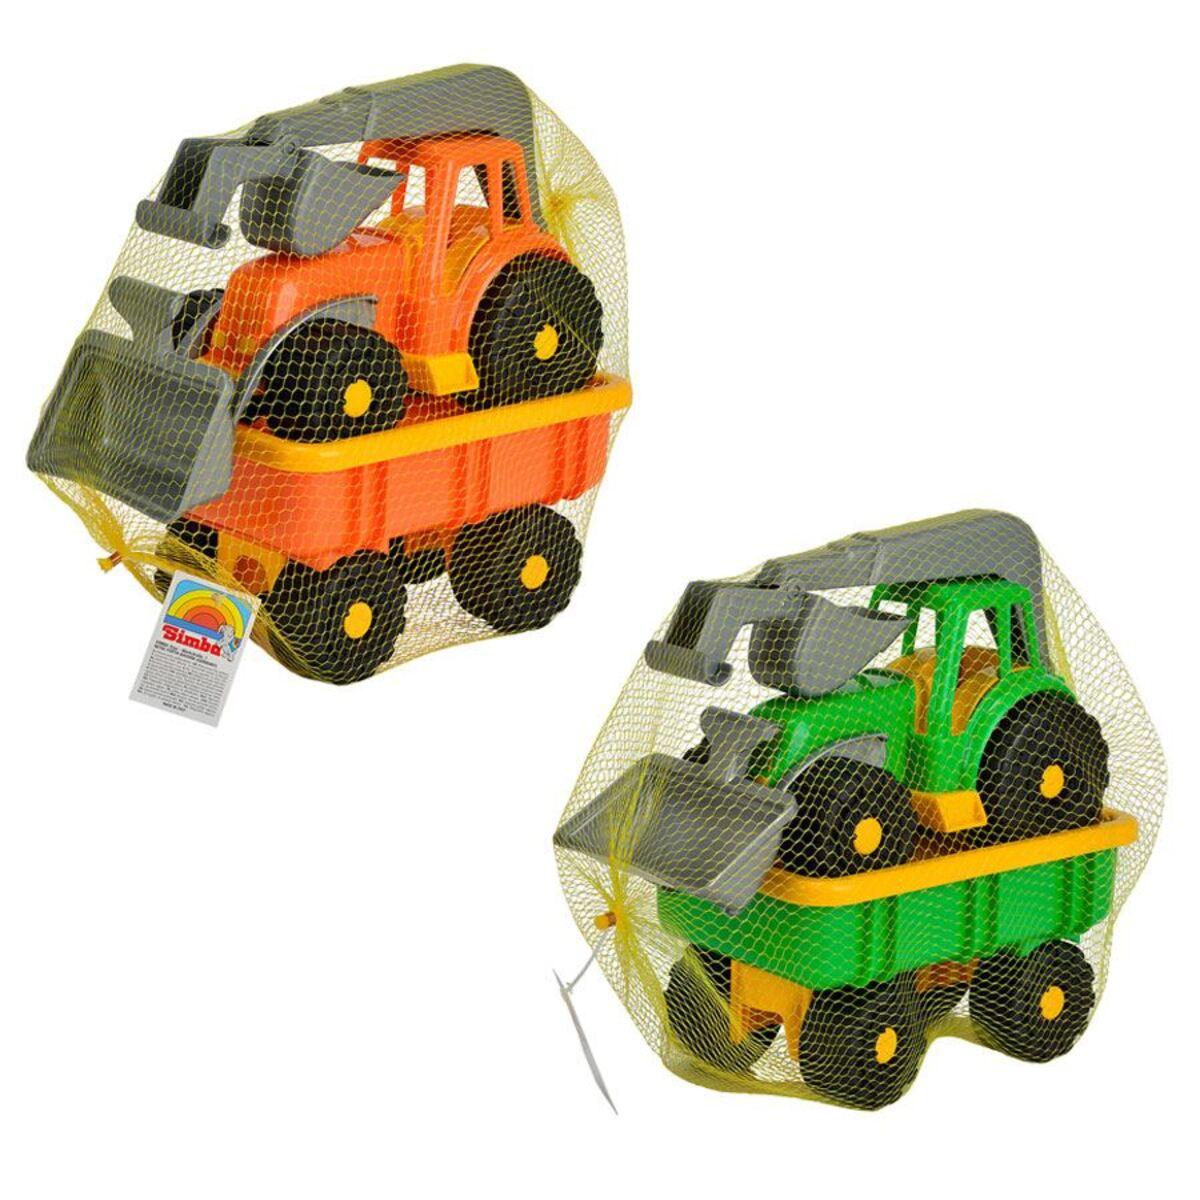 Bild 3 von Simba Spielzeug-Traktor mit Schaufel und Anhänger